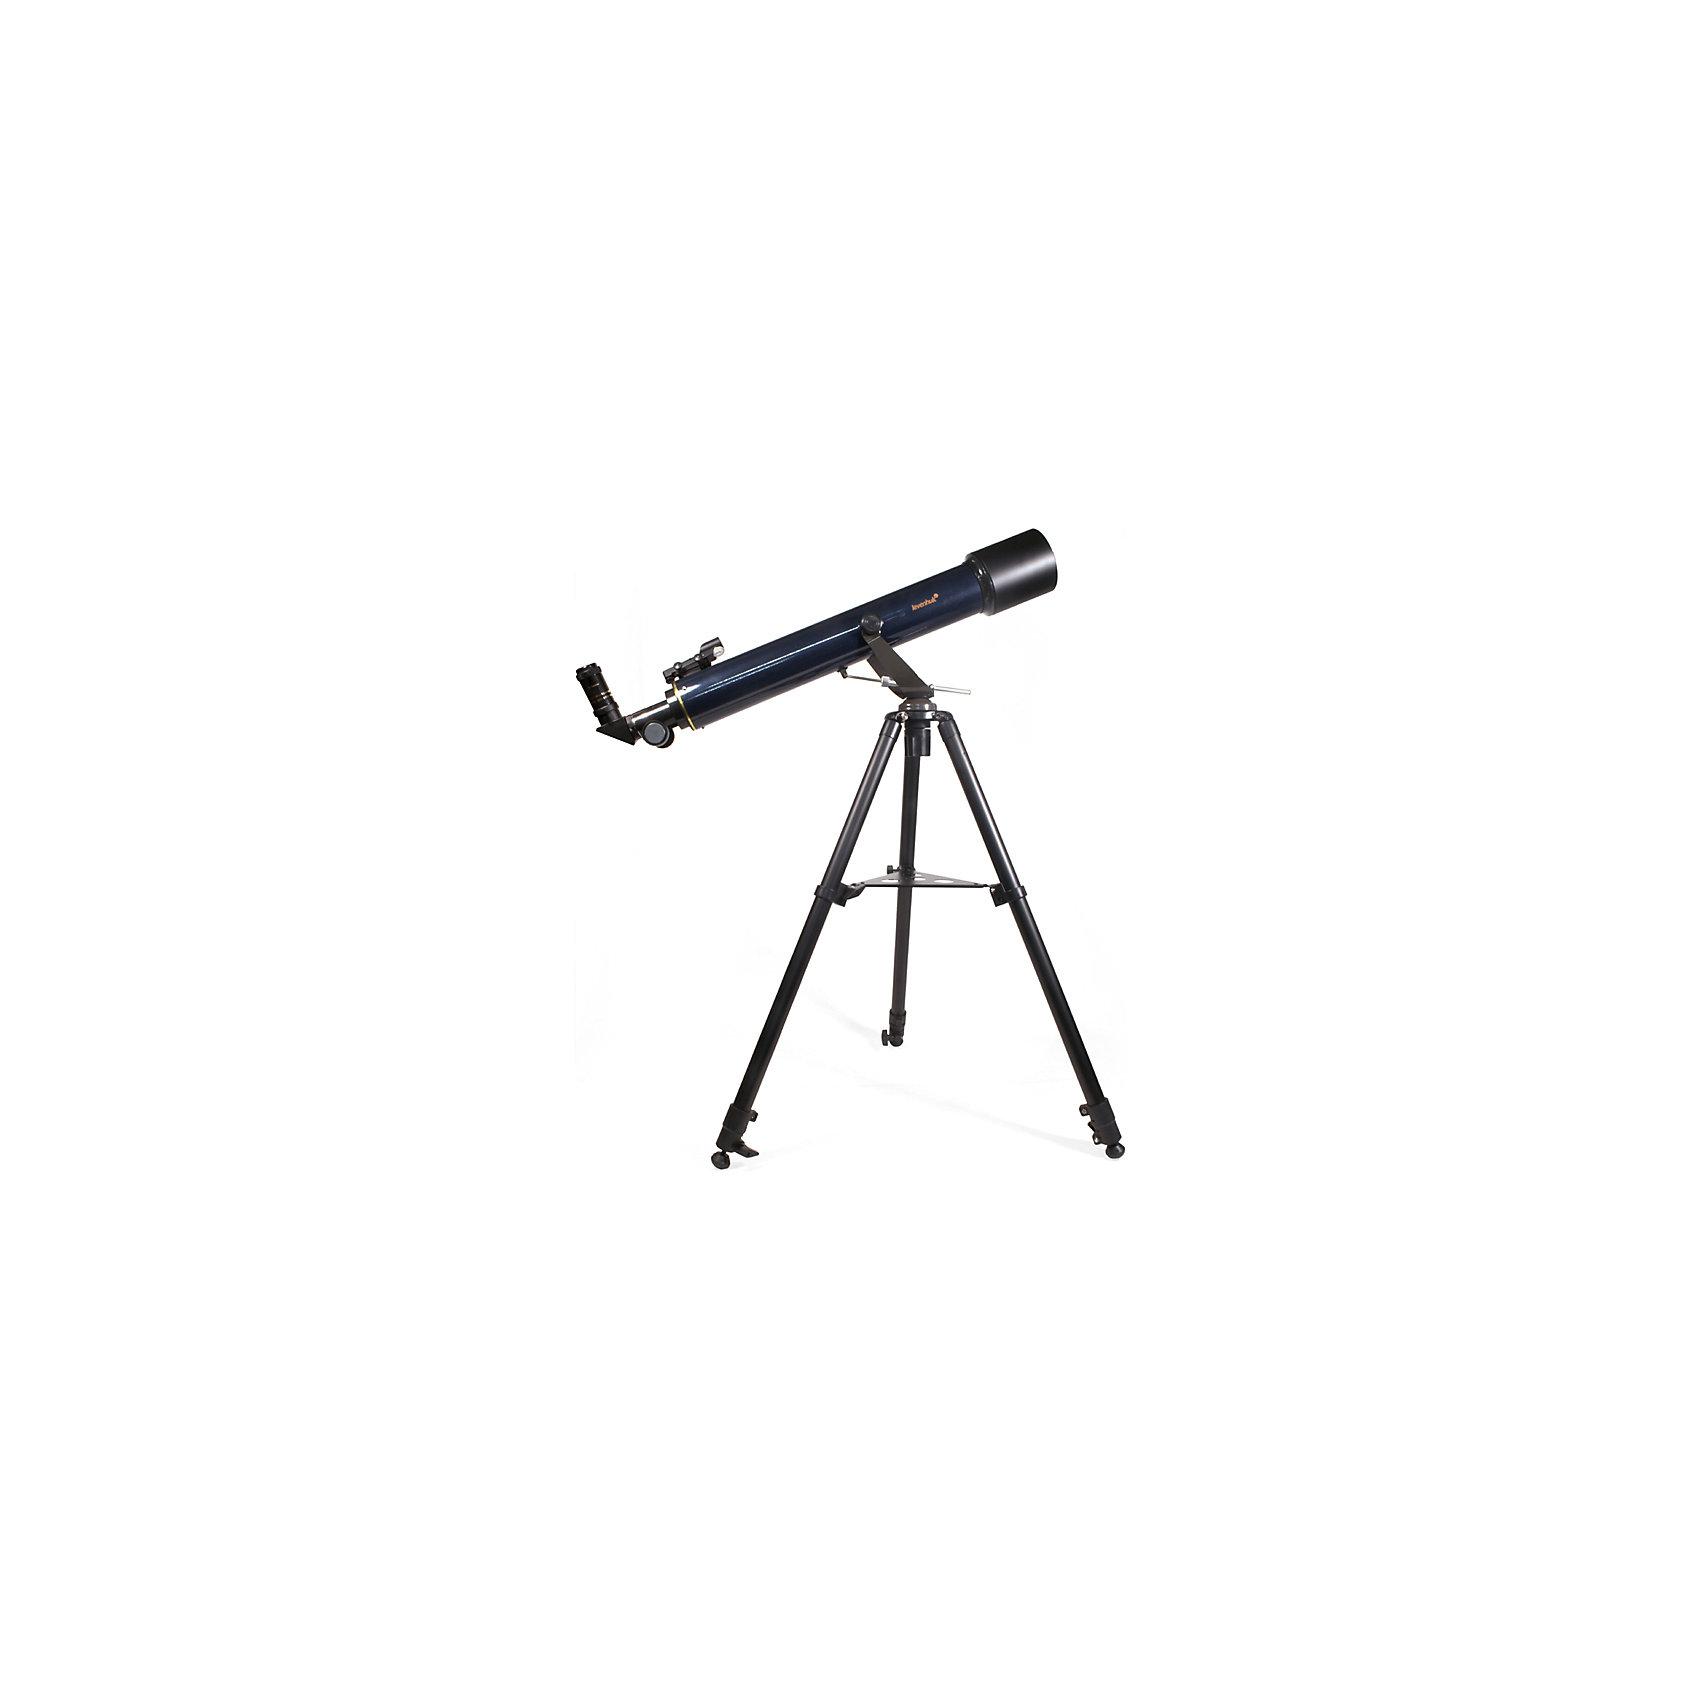 Телескоп Levenhuk Strike 80 NGТелескопы<br>Характеристики товара:<br><br>• материал: металл, пластик<br>• тип телескопа: рефрактор<br>• максимальное полезное увеличение: 360 крат<br>• светосила (относительное отверстие): 9<br>• световой диаметр (Апертура): 80 мм<br>• проницающая способность: (звездная величина, приблизительно) 11Ю5<br>• посадочный диаметр окуляров: 1,25, окуляры F20мм, F6мм<br>• искатель : 3х20 <br>• фокусер реечный: 1.25<br>• высота треноги регулируемая: 630–1080 мм<br>• тип монтировки: азимутальная<br>• комплектация: труба, руководство, тренога, зеркало, книга, постеры, <br>• страна бренда: США<br>• страна производства: КНР<br><br>Телескоп - это отличный способ заинтересовать ребенка наблюдениями за небесными телами и привить ему интерес к учебе. Эта модель была разработана специально для детей - он позволяет увеличивать предметы из космоса и изучать их. Благодаря легкому и прочному корпусу телескоп удобно брать с собой!<br><br>Оптические приборы от американской компании Levenhuk уже успели зарекомендовать себя как качественная и надежная продукция. Для их производства используются только безопасные и проверенные материалы. Такой прибор способен прослужить долго. Подарите ребенку интересную и полезную вещь!<br><br>Телескоп Levenhuk Strike 80 NG от известного бренда Levenhuk (Левенгук) можно купить в нашем интернет-магазине.<br><br>Ширина мм: 860<br>Глубина мм: 360<br>Высота мм: 160<br>Вес г: 7000<br>Возраст от месяцев: 60<br>Возраст до месяцев: 2147483647<br>Пол: Унисекс<br>Возраст: Детский<br>SKU: 5435304